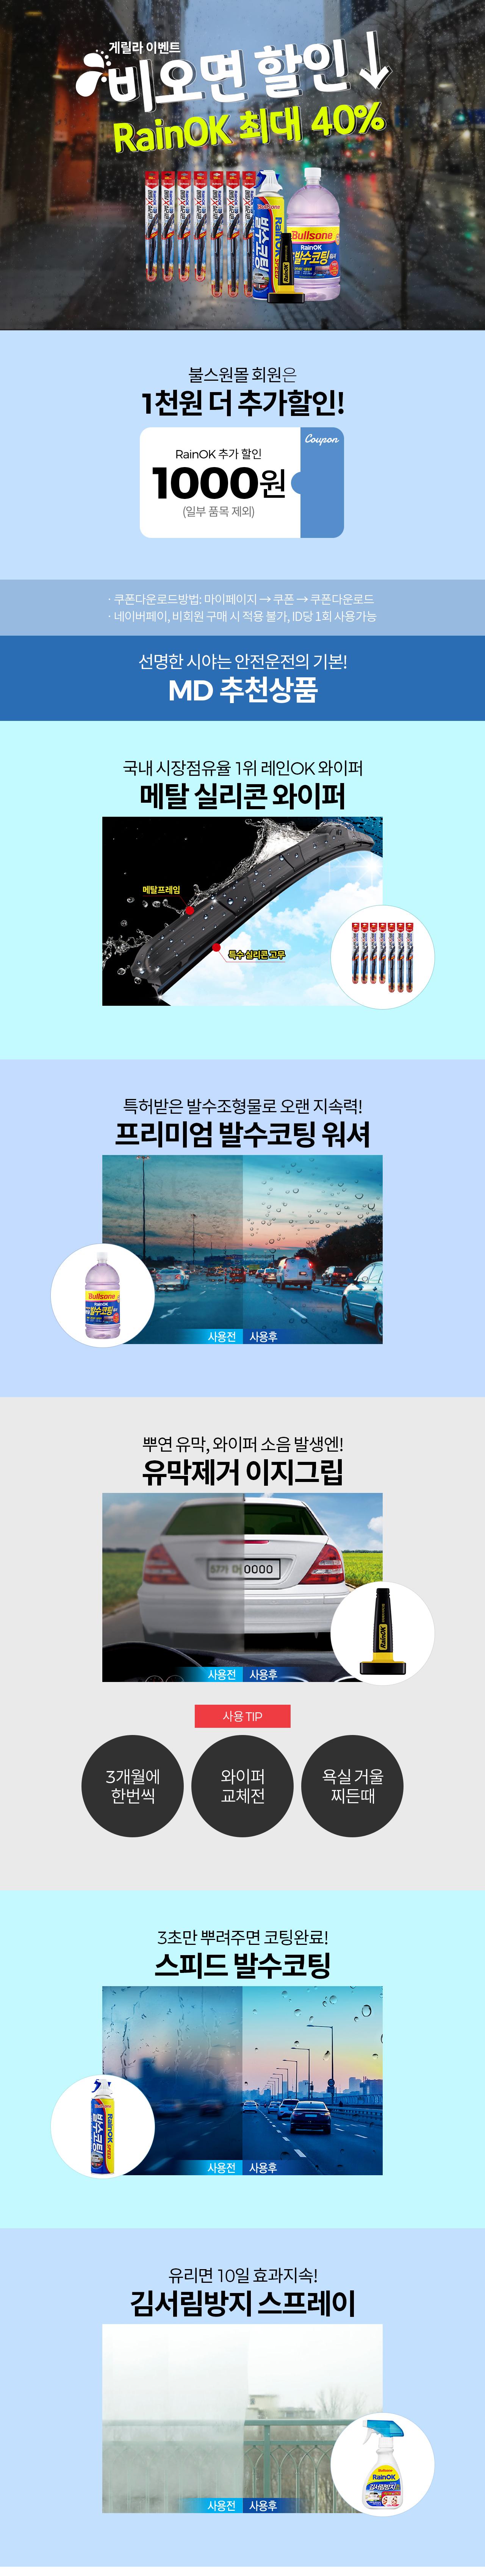 [기획전] 레인OK 비오면 할인